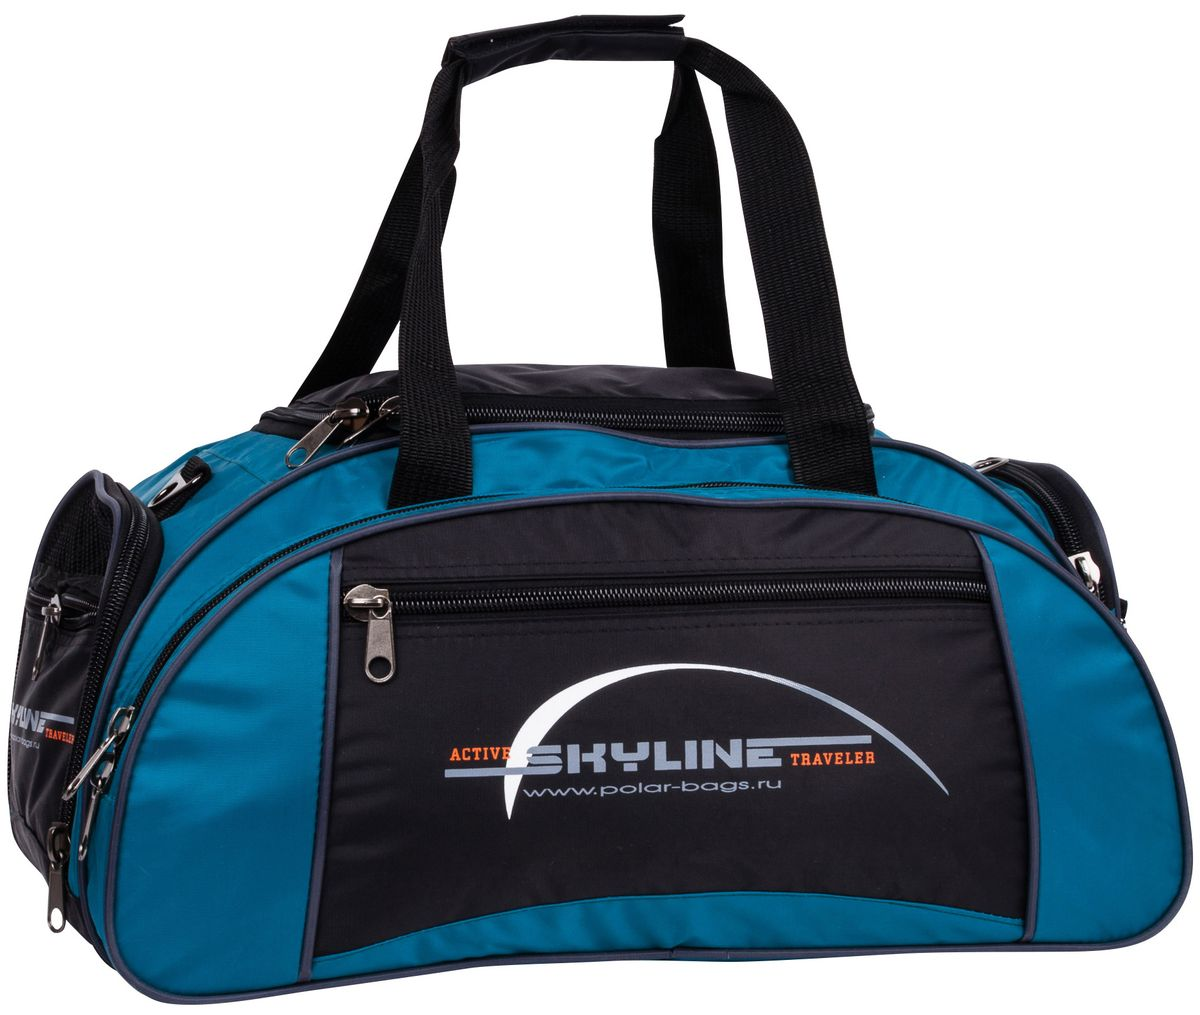 Сумка спортивная Polar Скайлайн, цвет: черный, голубой, 36 л. 60636063Спортивная сумка Polar Скайлайн выполнена из полиэстера. Большое отделение под вещи, плюс три кармана снаружи сумки позволят вместить в сумку самые необходимые вещи. Сбоку расположен карман для обуви. Имеется плечевой ремень.